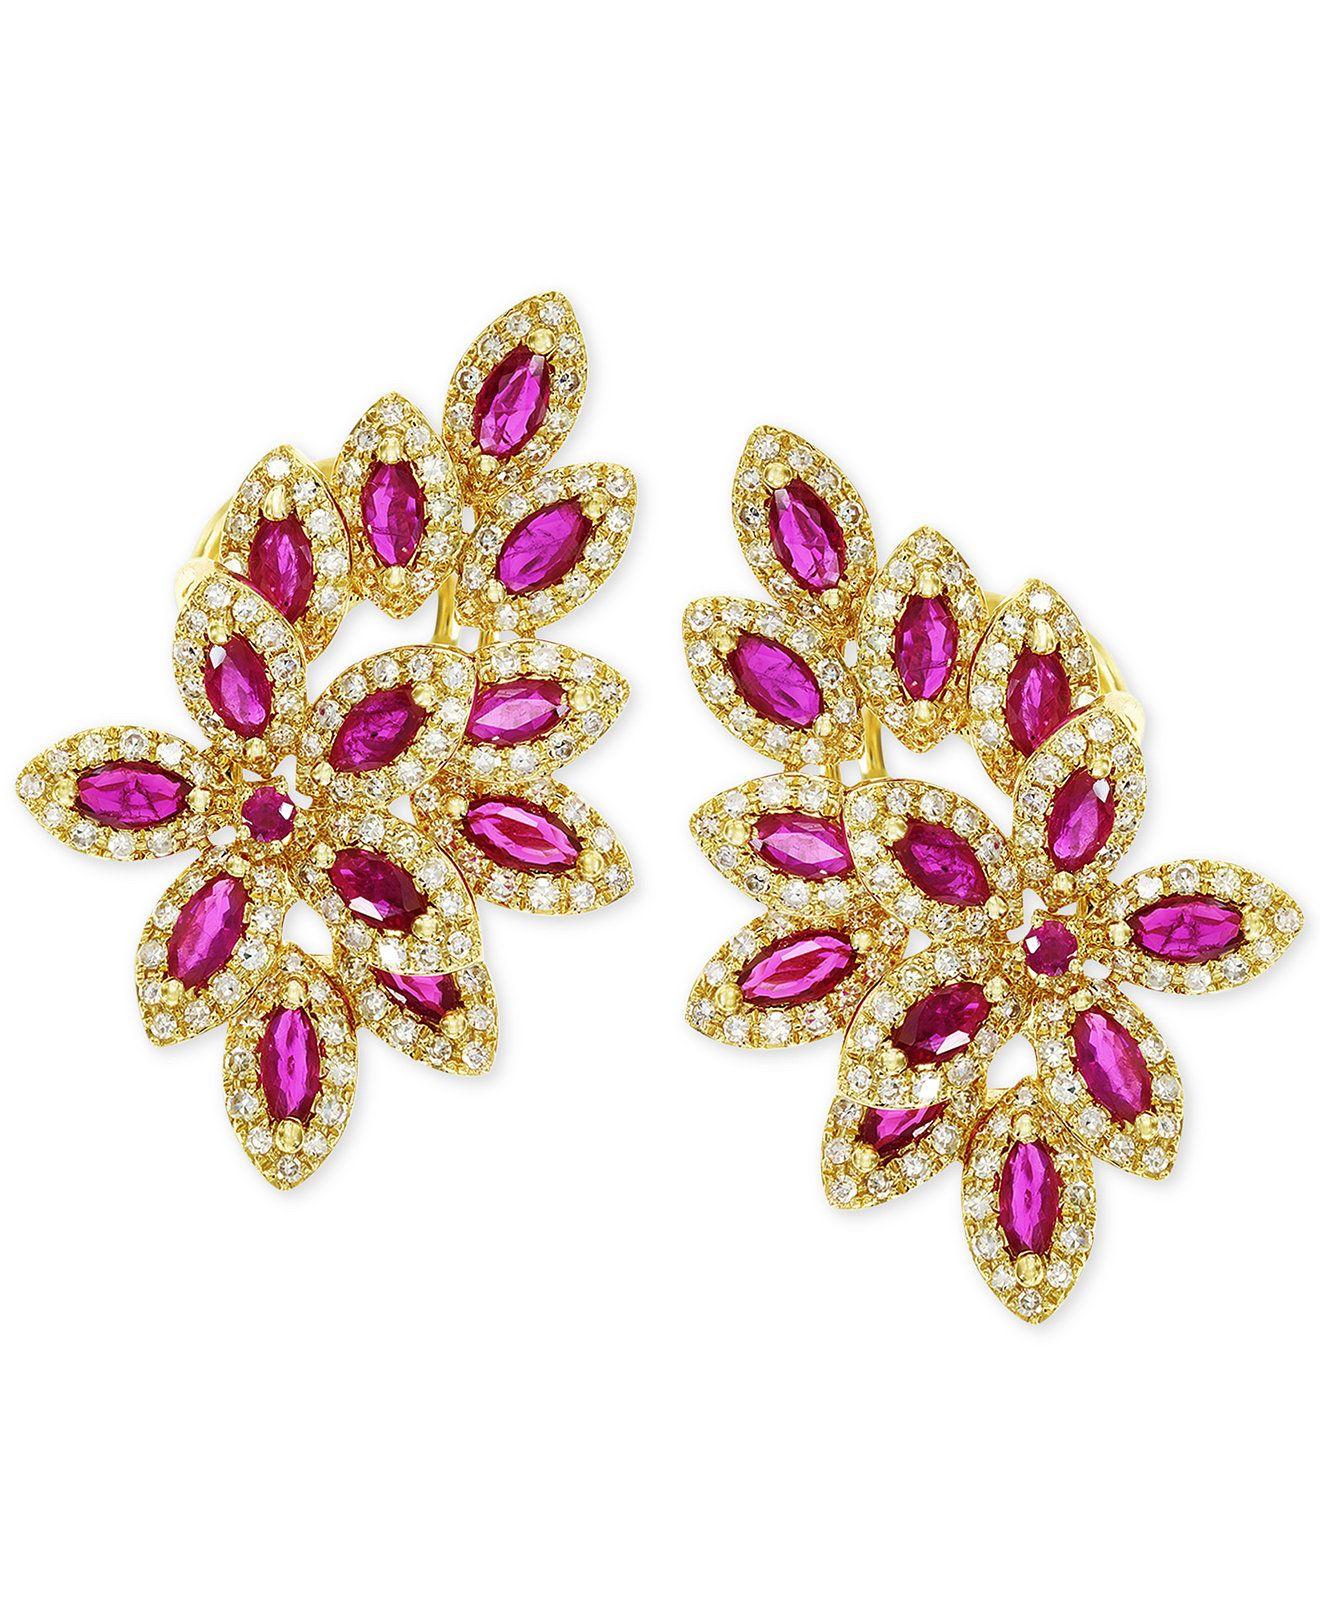 EFFY Ruby (2-1/2 ct. t.w.) and Diamond (1 ct. t.w.) Earrings in 14k Gold - Earrings - Jewelry & Watches - Macy's